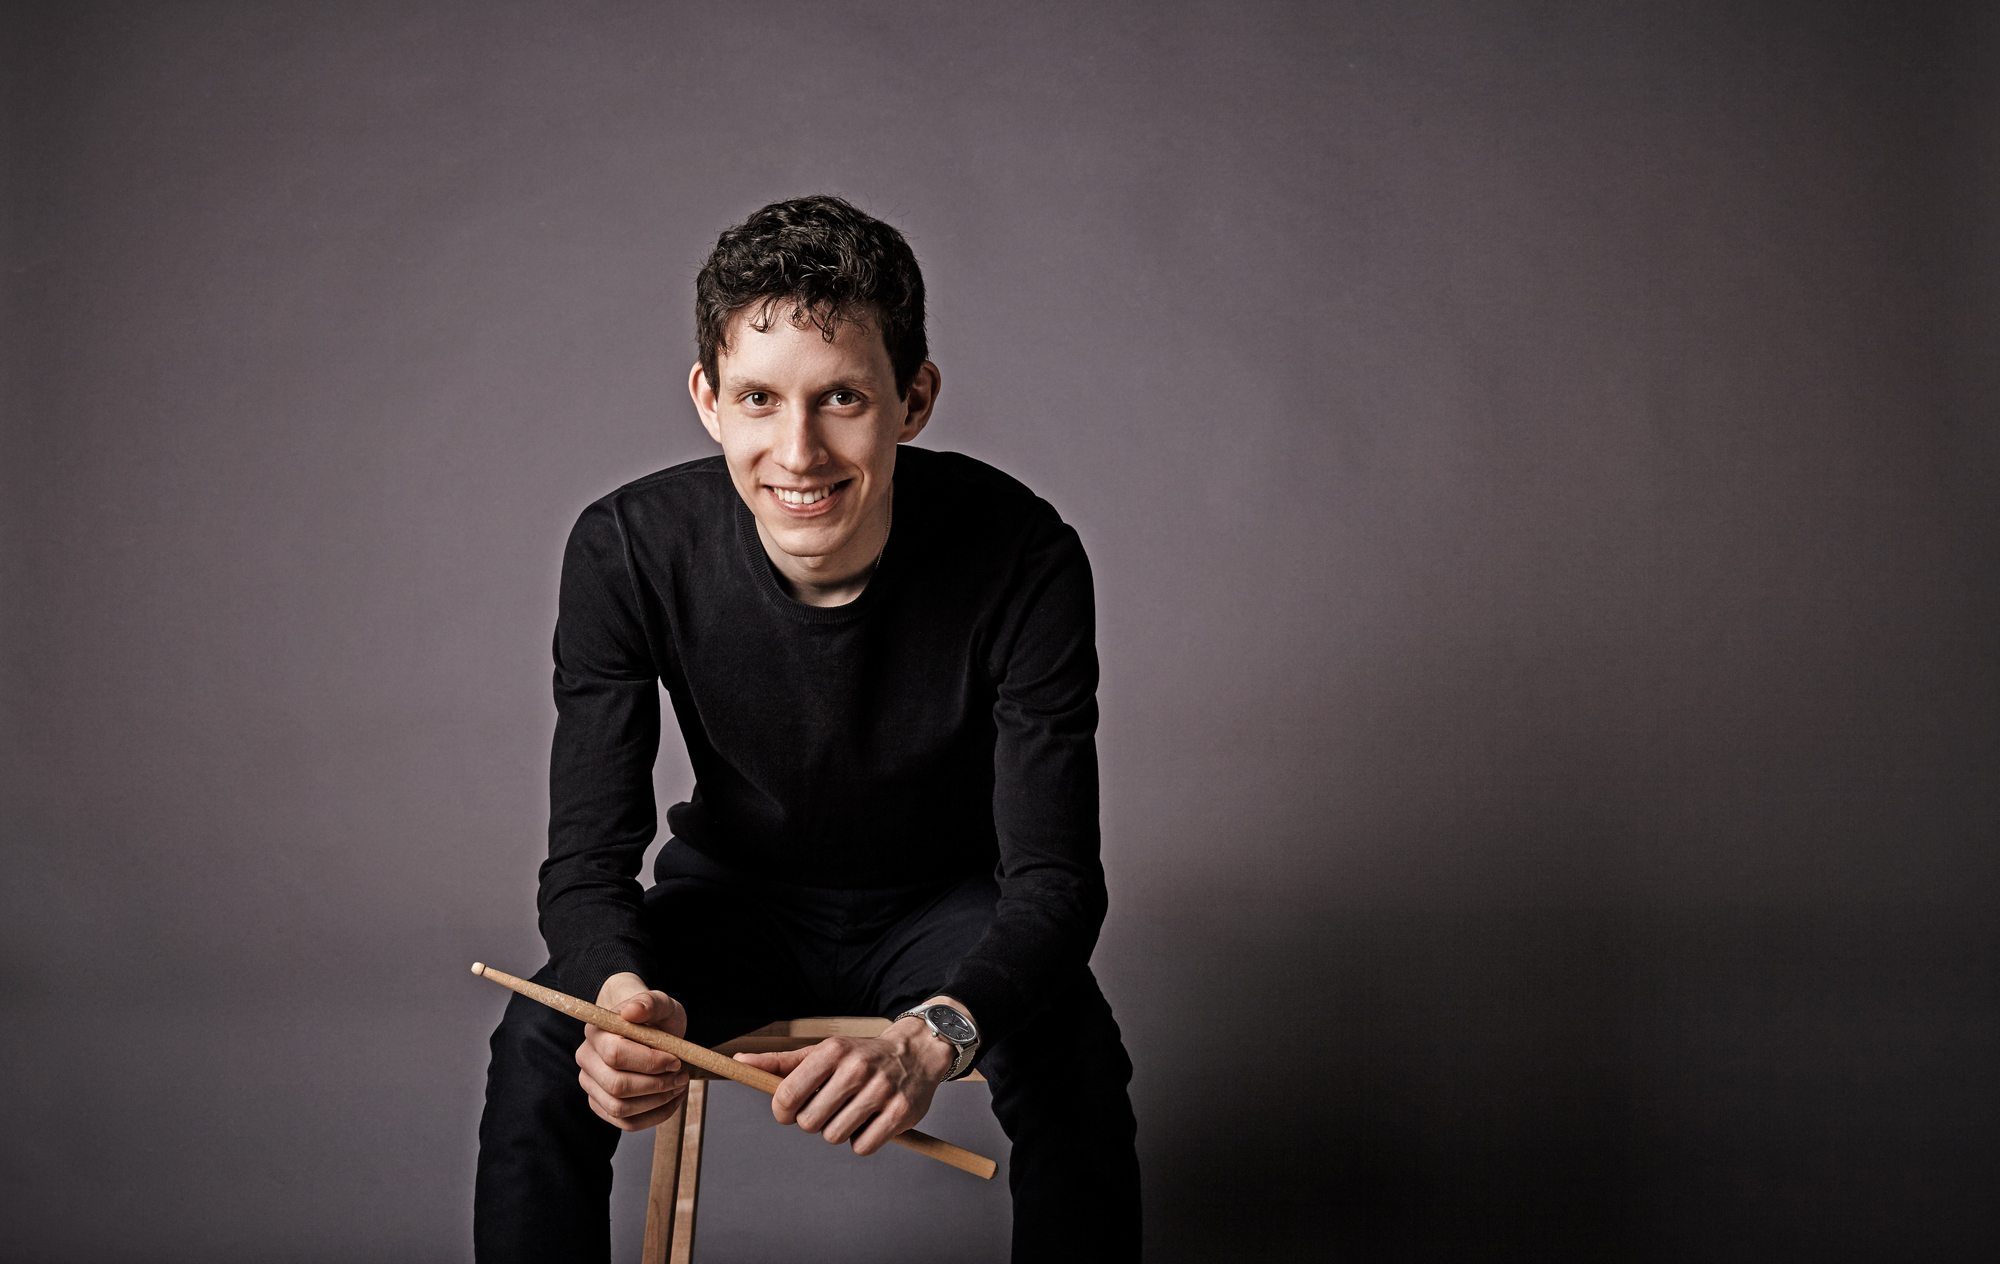 Julian Camargo Krauskopf - Schlagzeuger, Komponist, Videojournalist